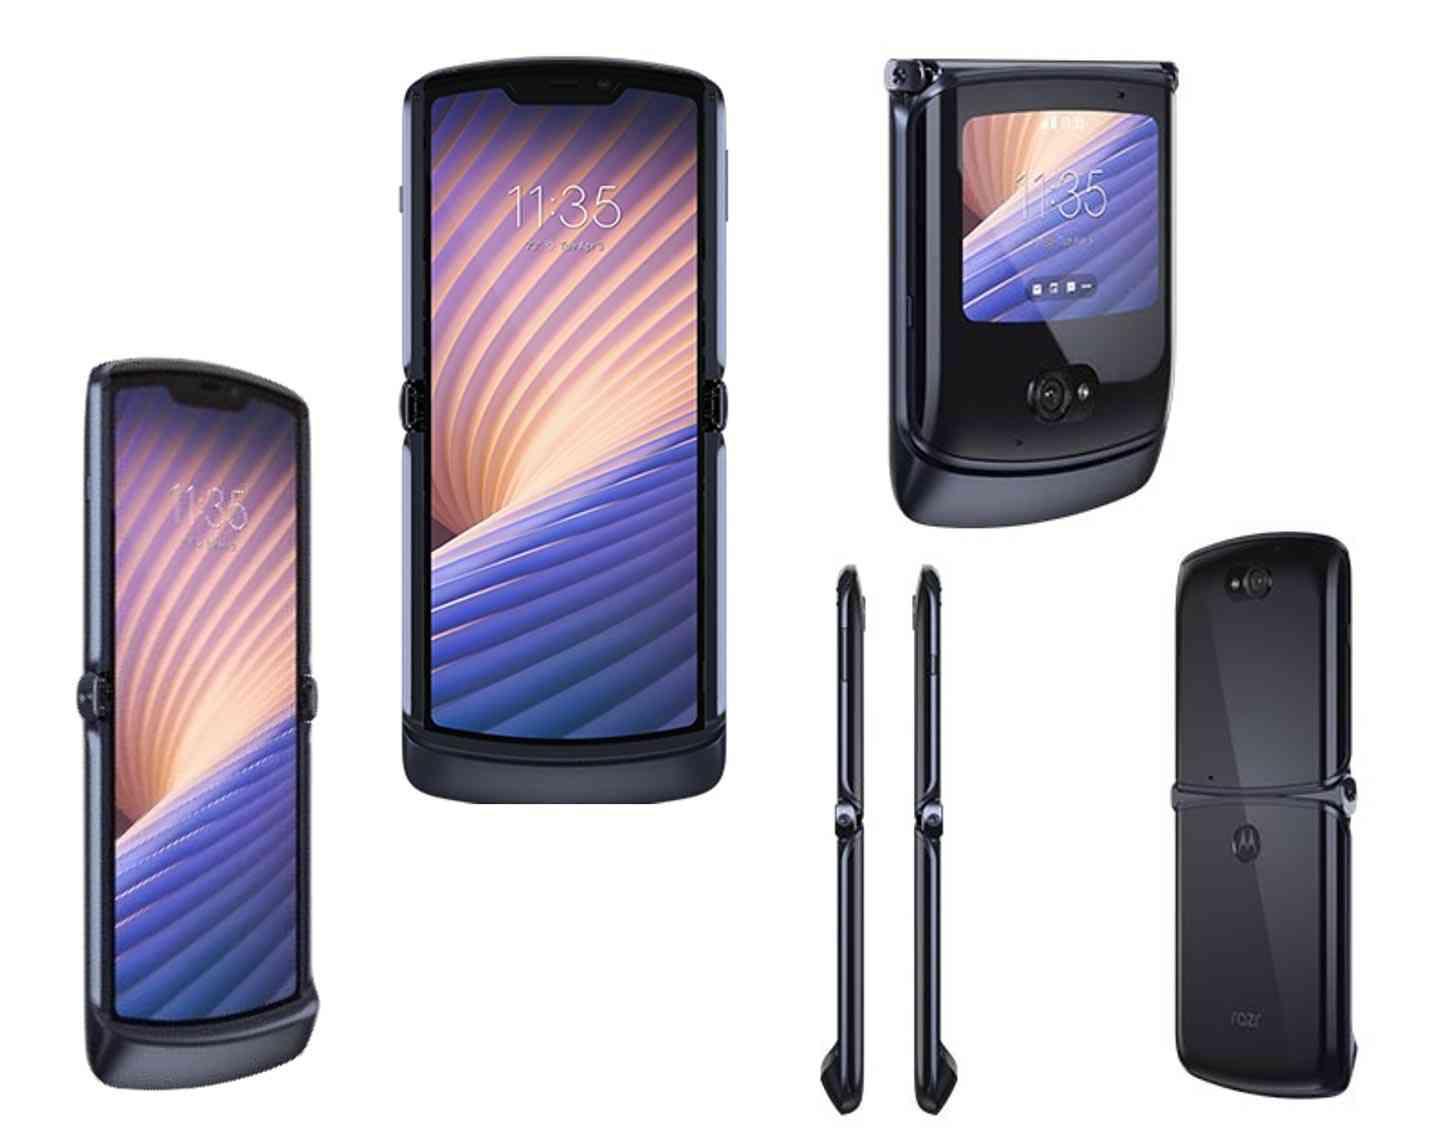 Motorola Razr 5G images leak